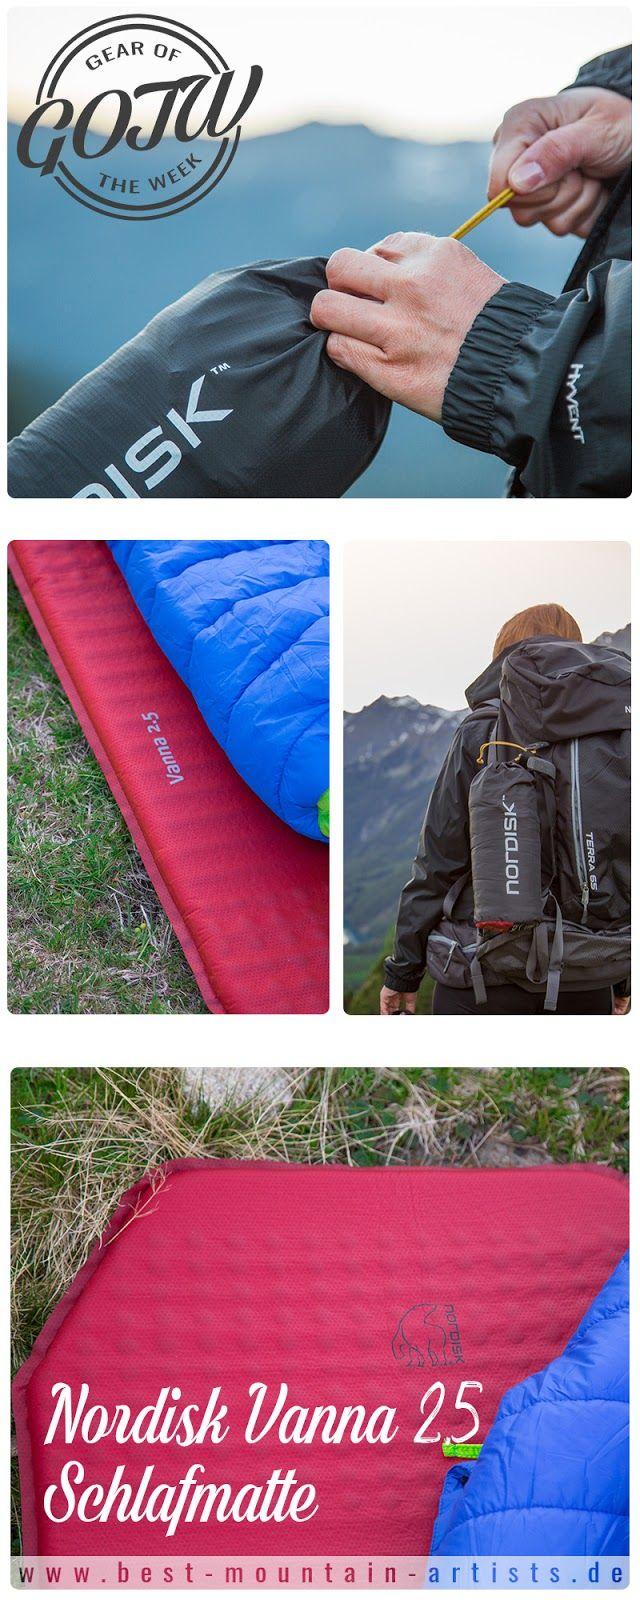 Gear of the Week #GOTW KW 25 | Nordisk Vanna 2.5 Schlafmatte | ultraleicht Matte für Trekkingtouren | Outdoor Gadgets zum Wandern | Leichte Isomatte